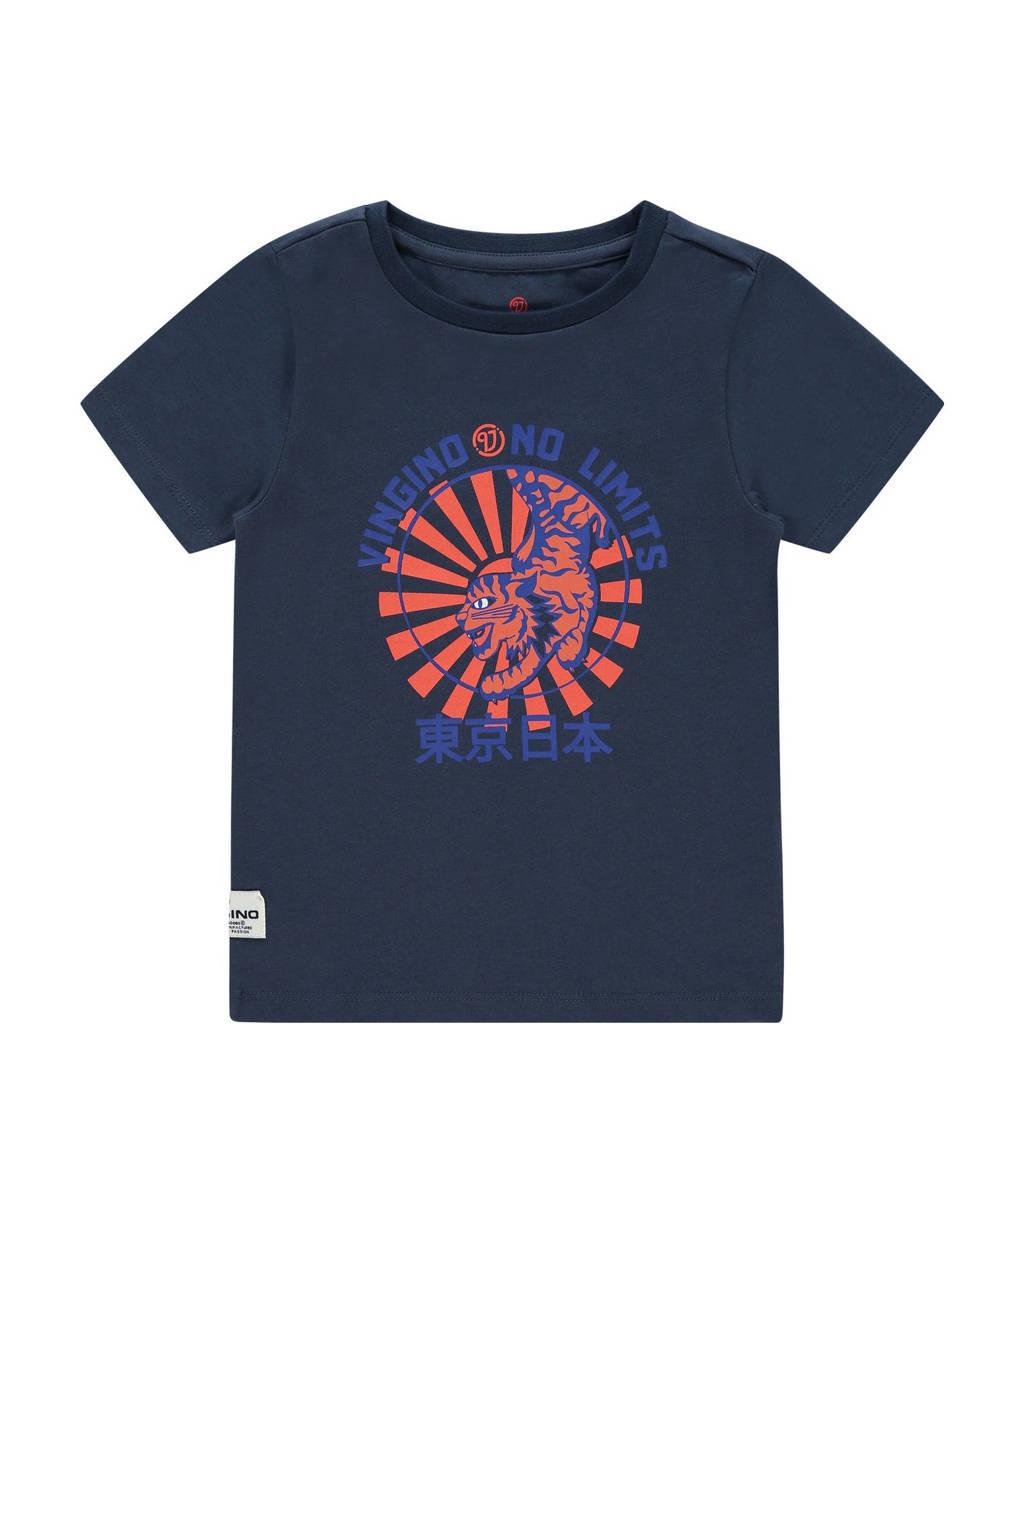 Vingino T-shirt Hamza met printopdruk donkerblauw, Donkerblauw